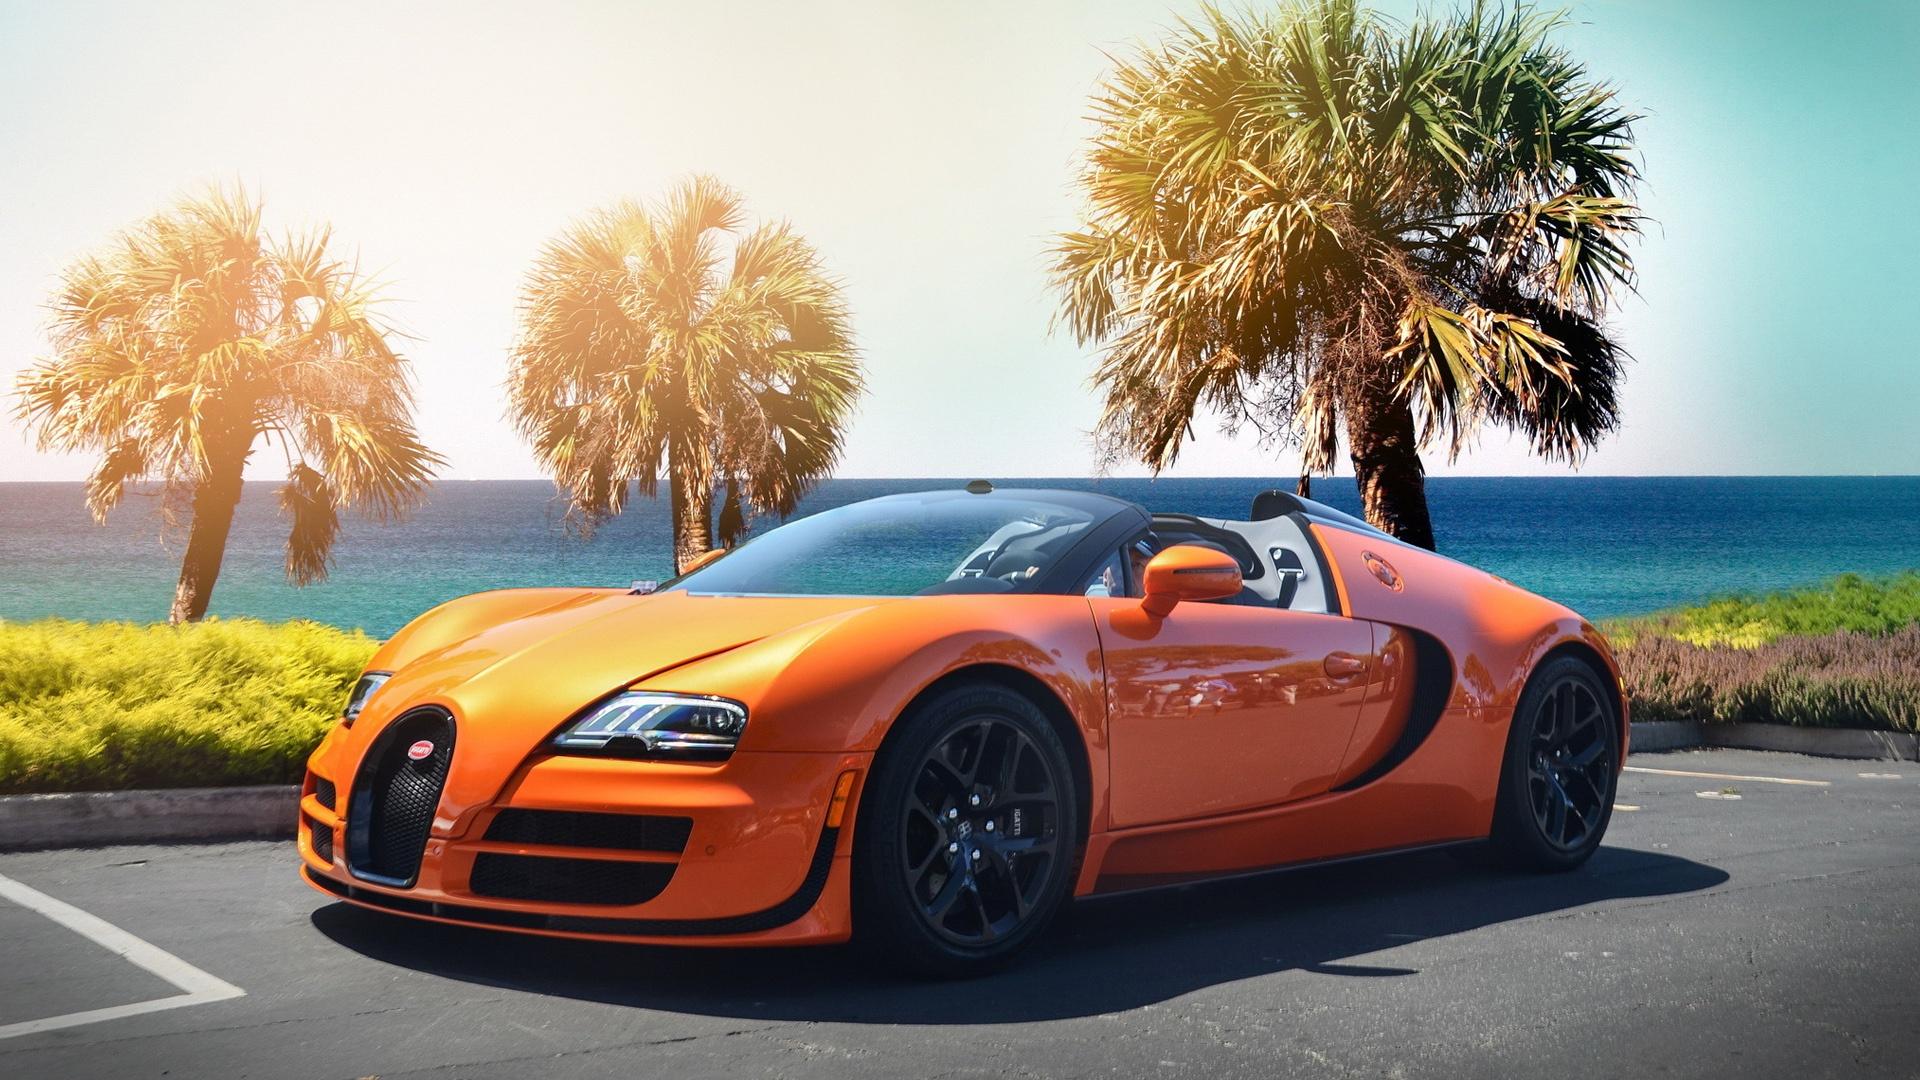 Gorgeous Bugatti Wallpaper